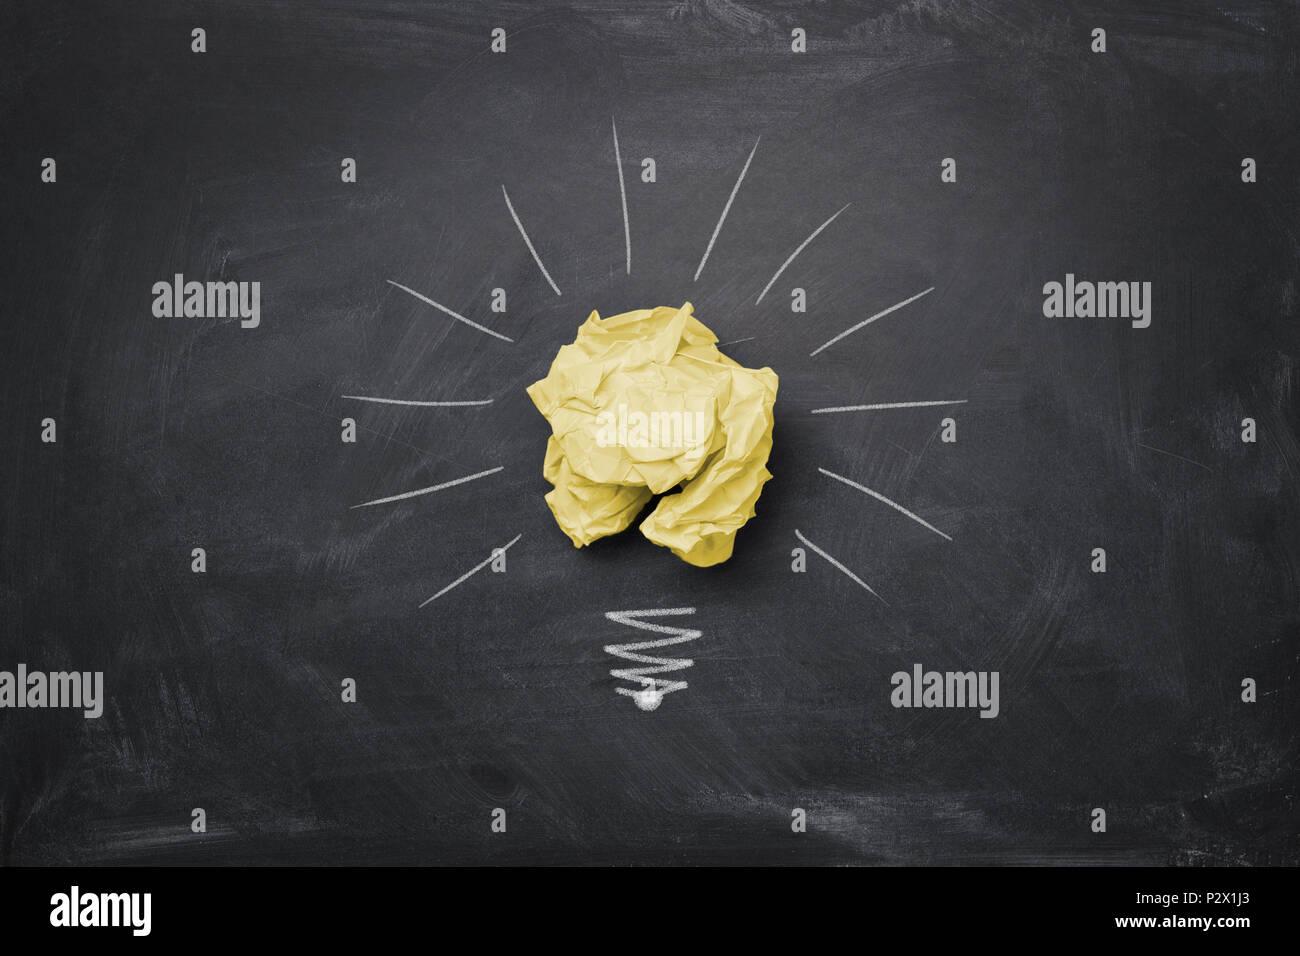 Gran idea concepto Imagen De Stock